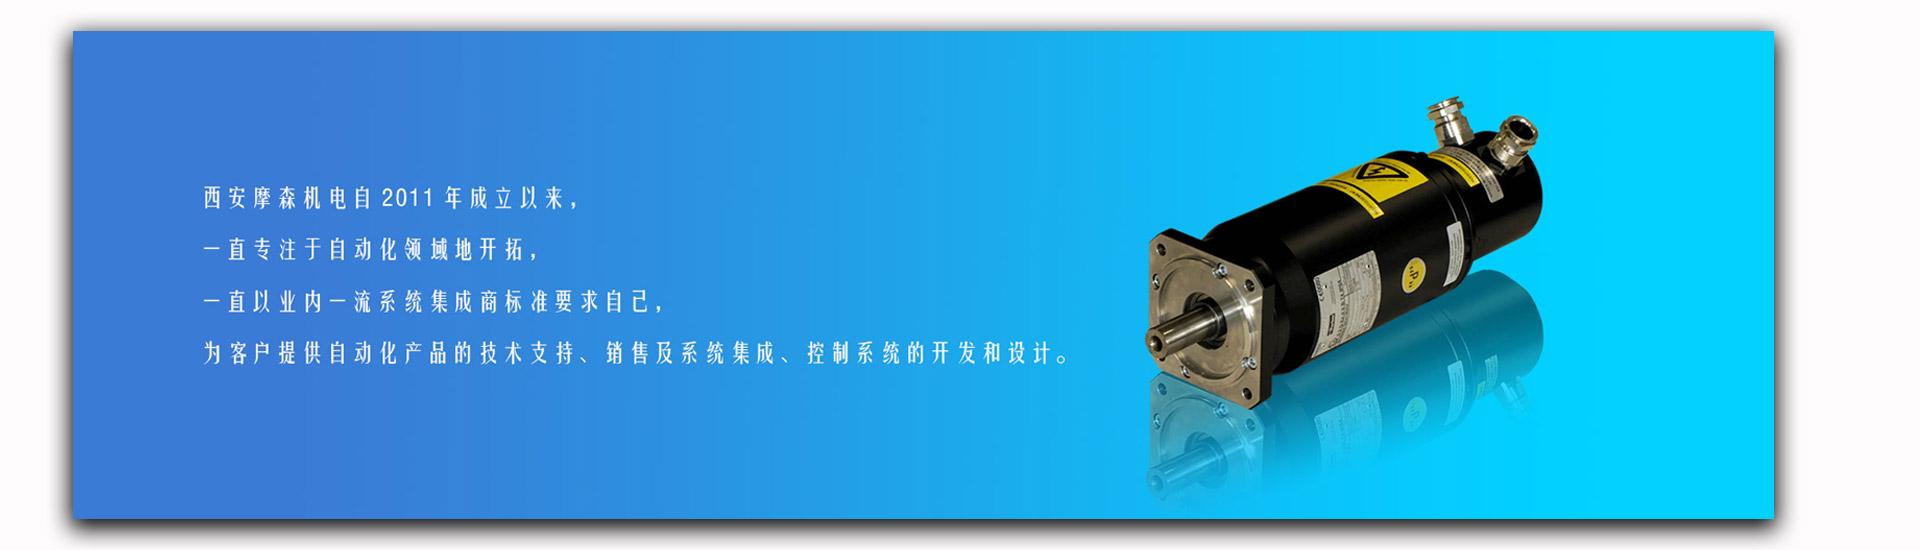 西安摩森机电科技有限公司.jpg